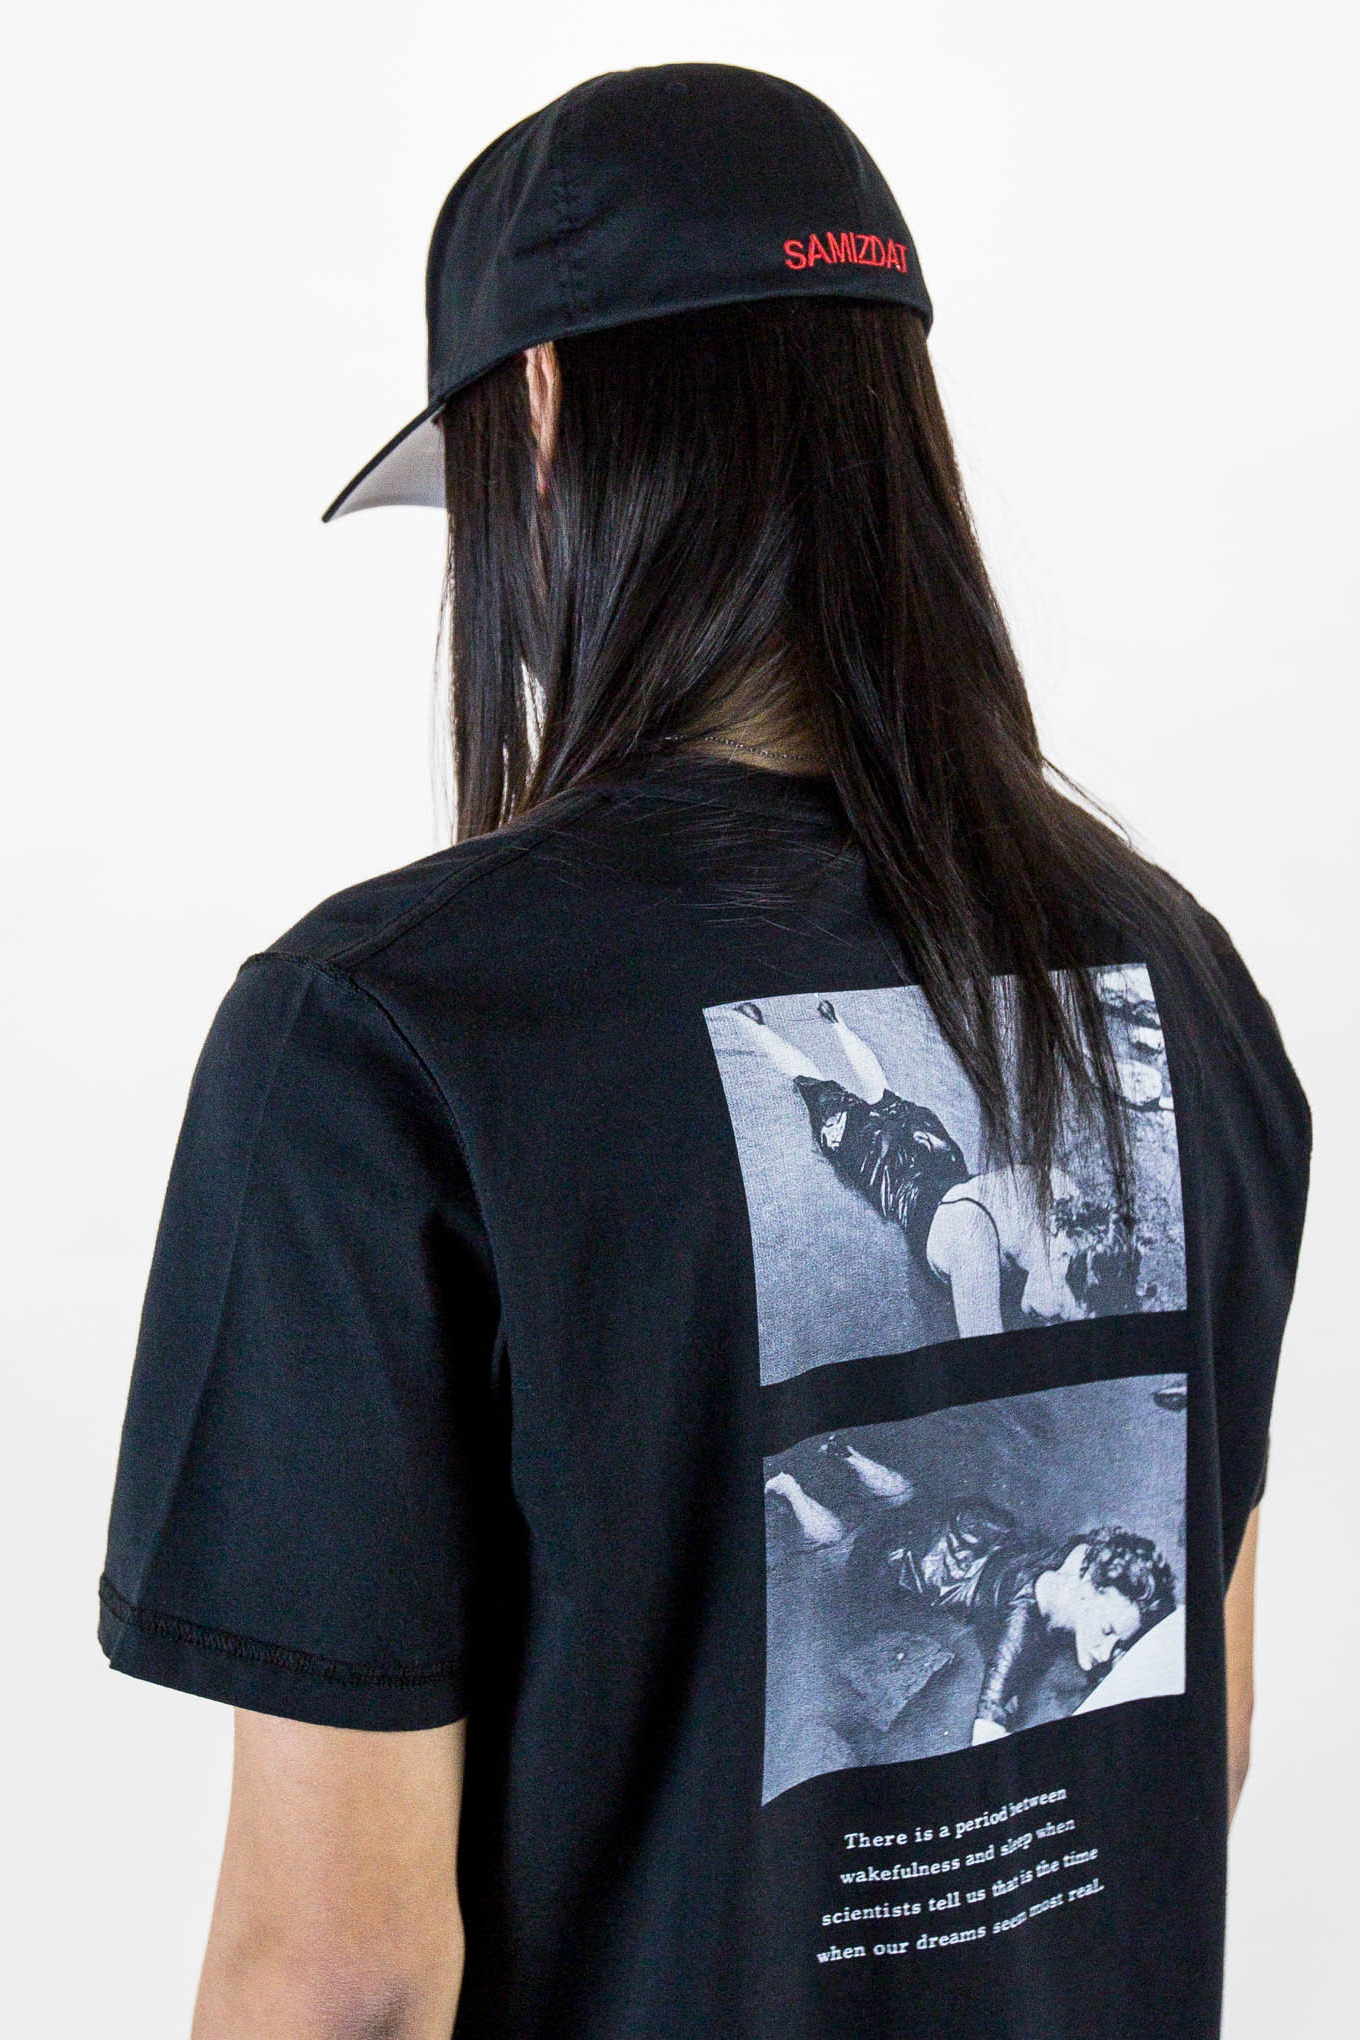 Yang Li SAMIZDAT T-shirt Hoodie Tote Lighter - 1844536